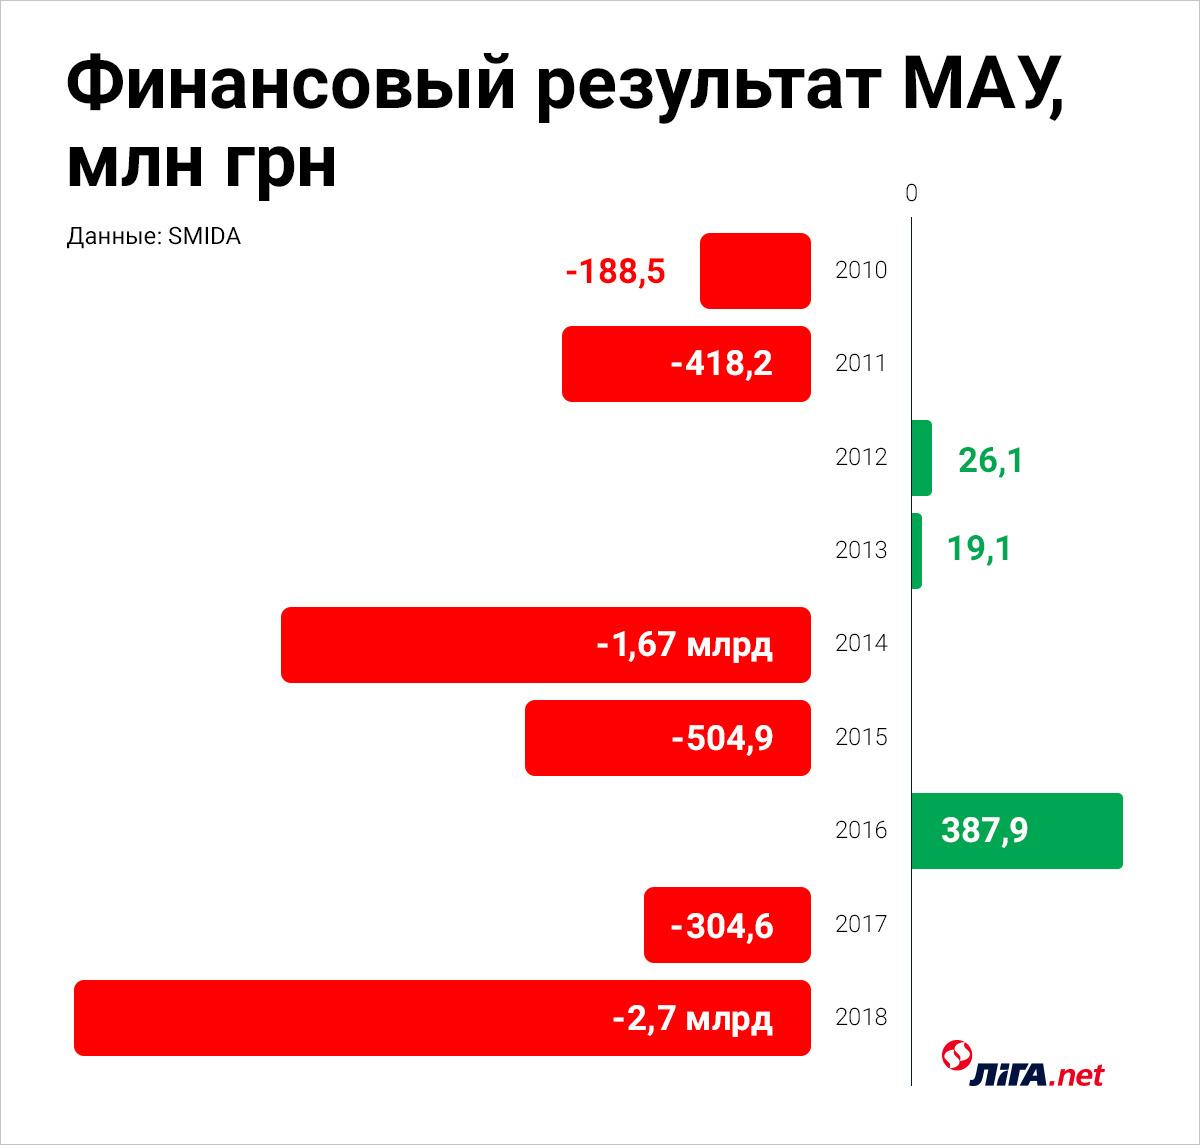 У МАУ будет новый президент. Кто возглавит авиакомпанию Коломойского